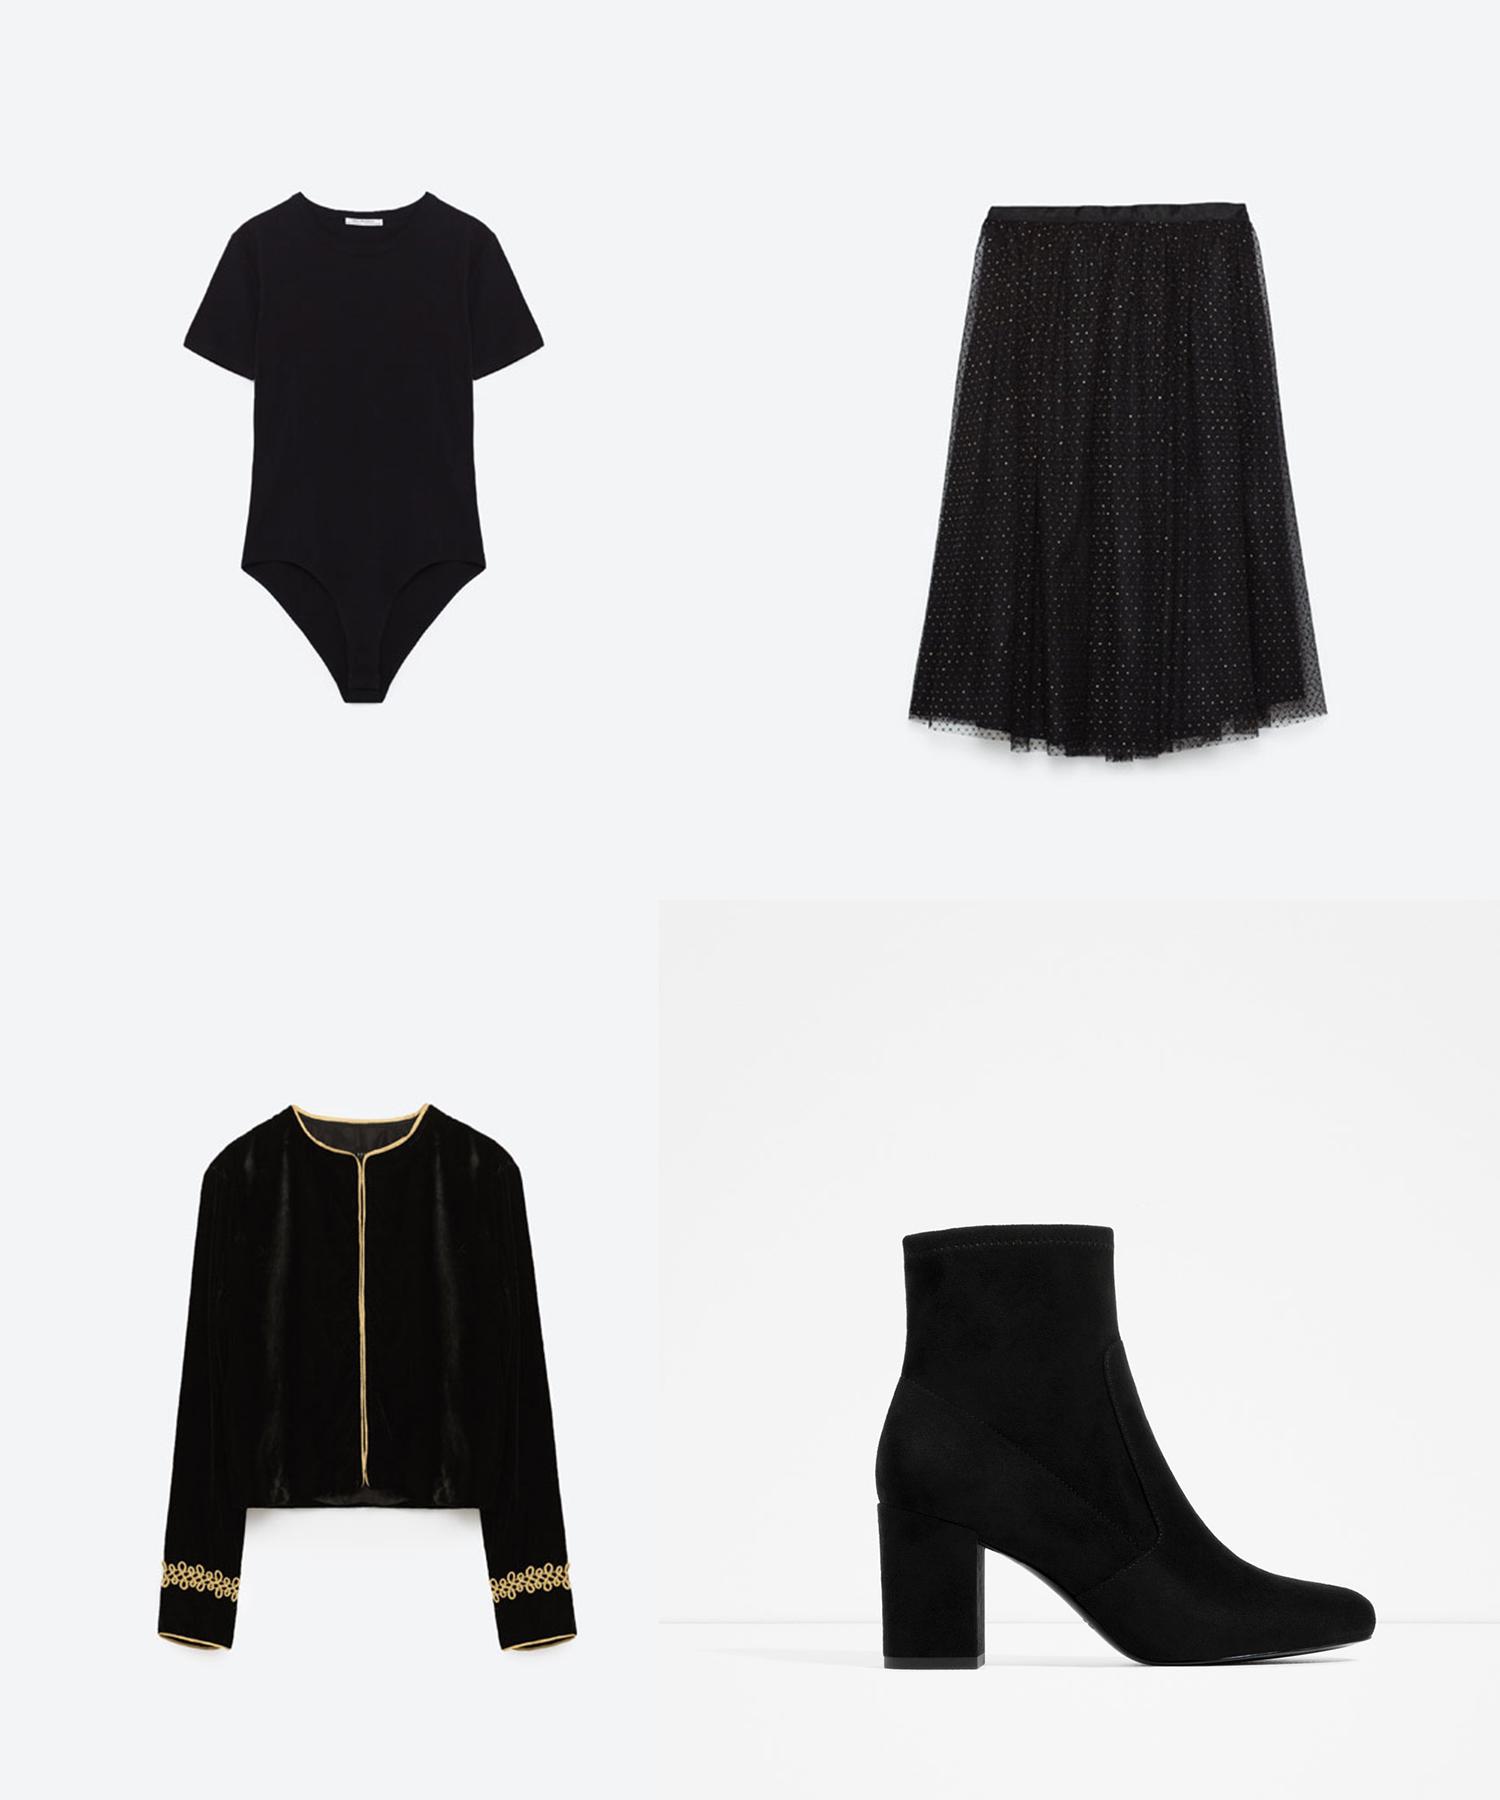 Short Sleeve Bodysuit   ($13) //   Tulle Skirt   ($50) //   Velvet Blazer + Gold Applique   ($70) //   Elastic High Heel Ankle Boots   ($60)